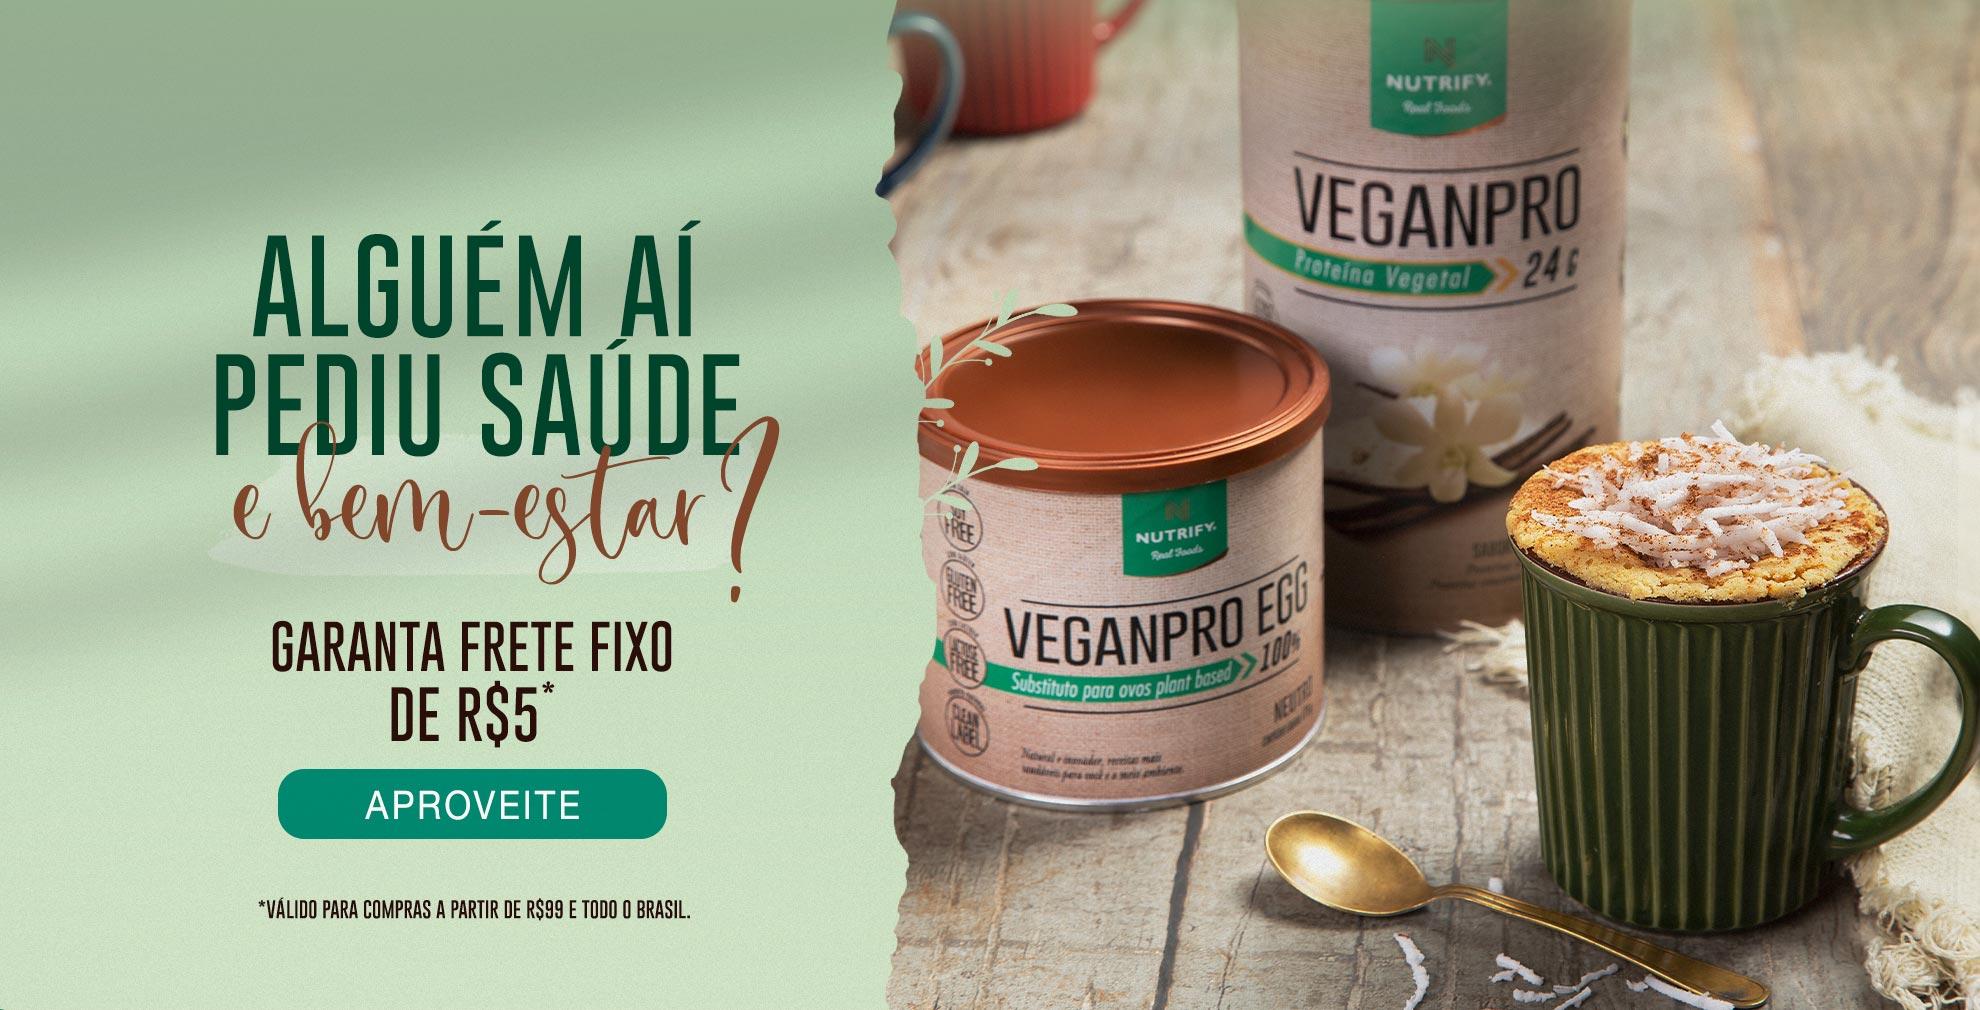 Frete fixo de R$5 para compras acima de R$99 para todo o Brasil